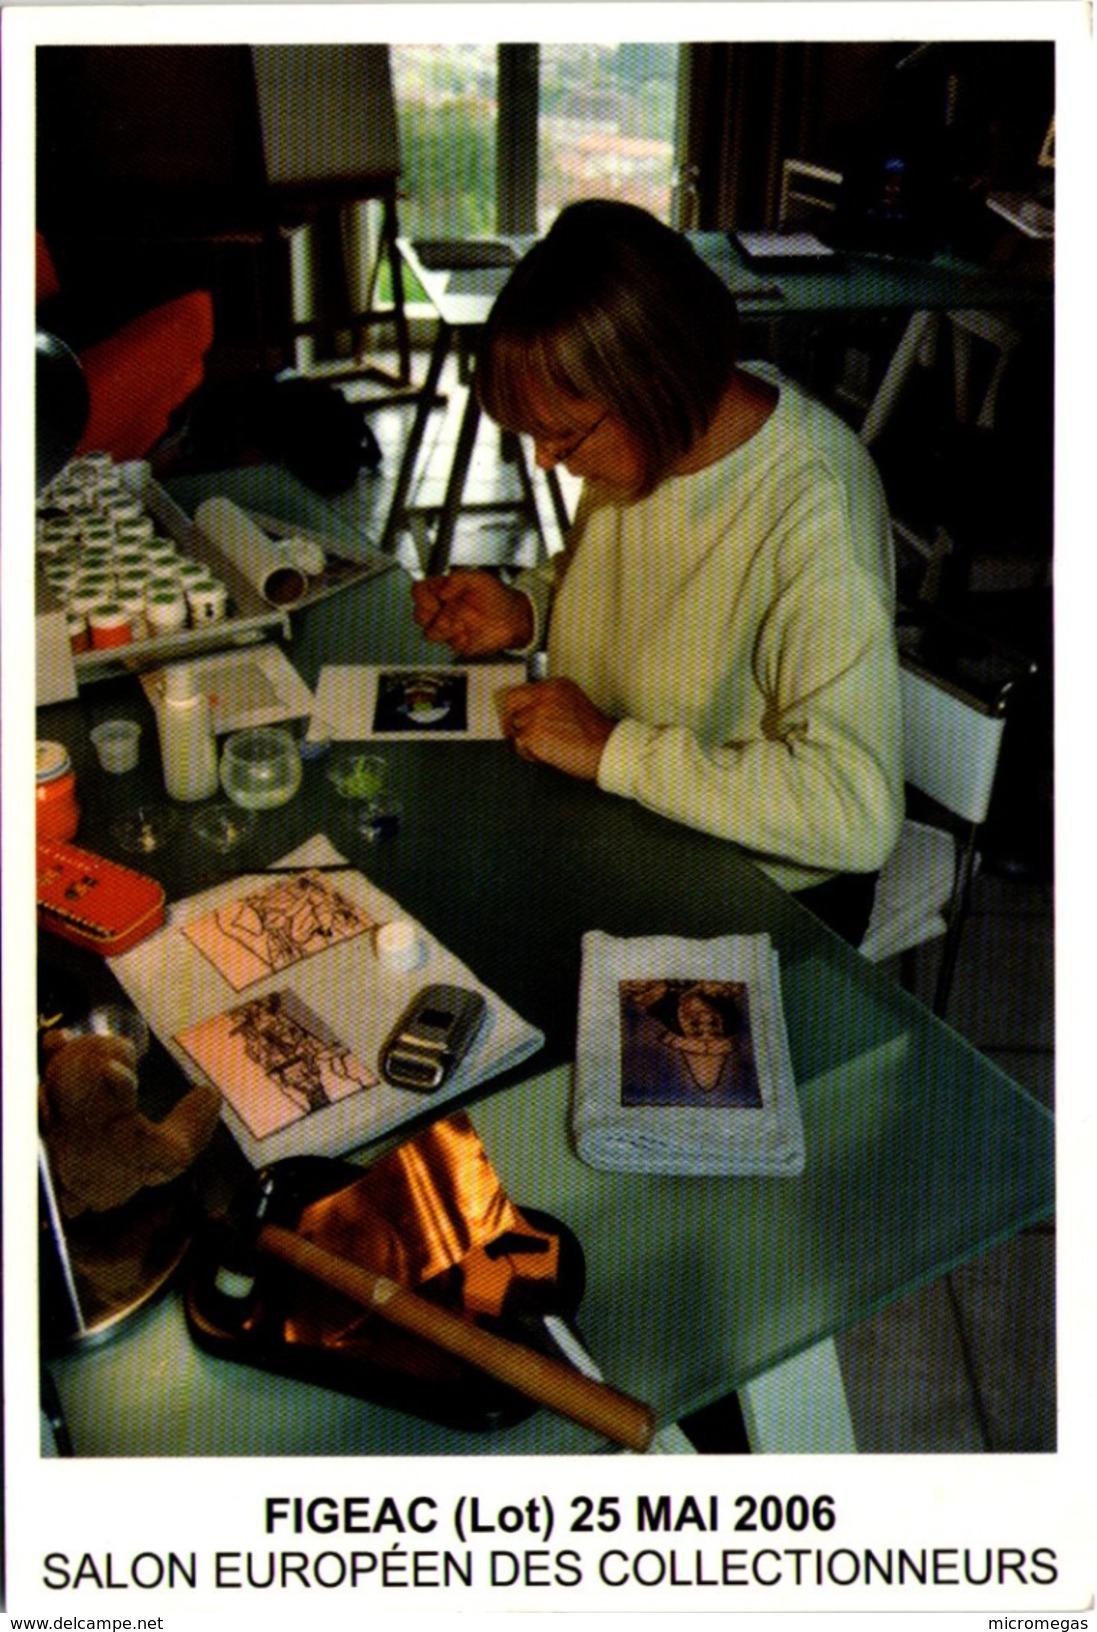 FIGEAC 25 Mai 2006 - Salon Européen Des Collectionneurs - Bourses & Salons De Collections